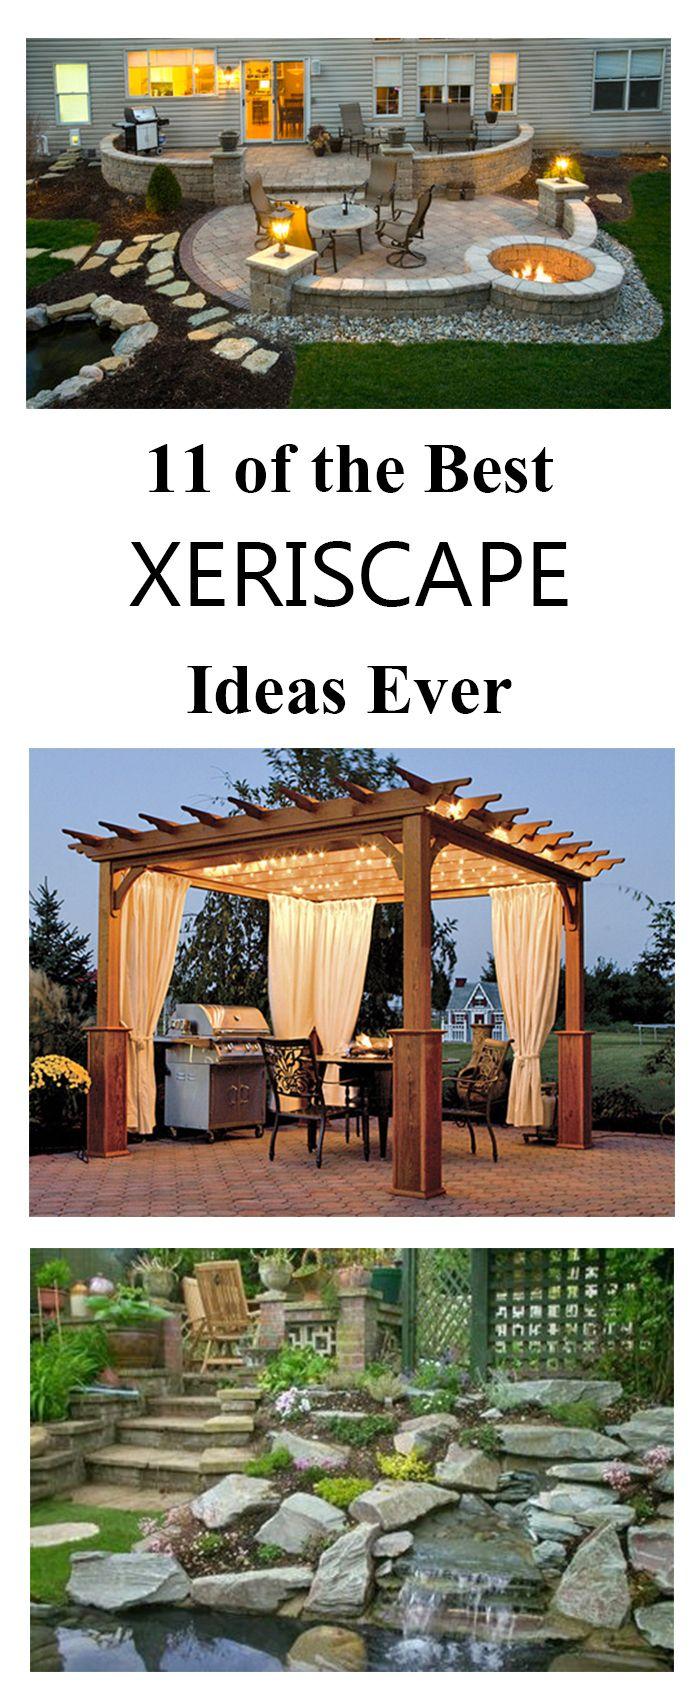 of xeriscape ideas